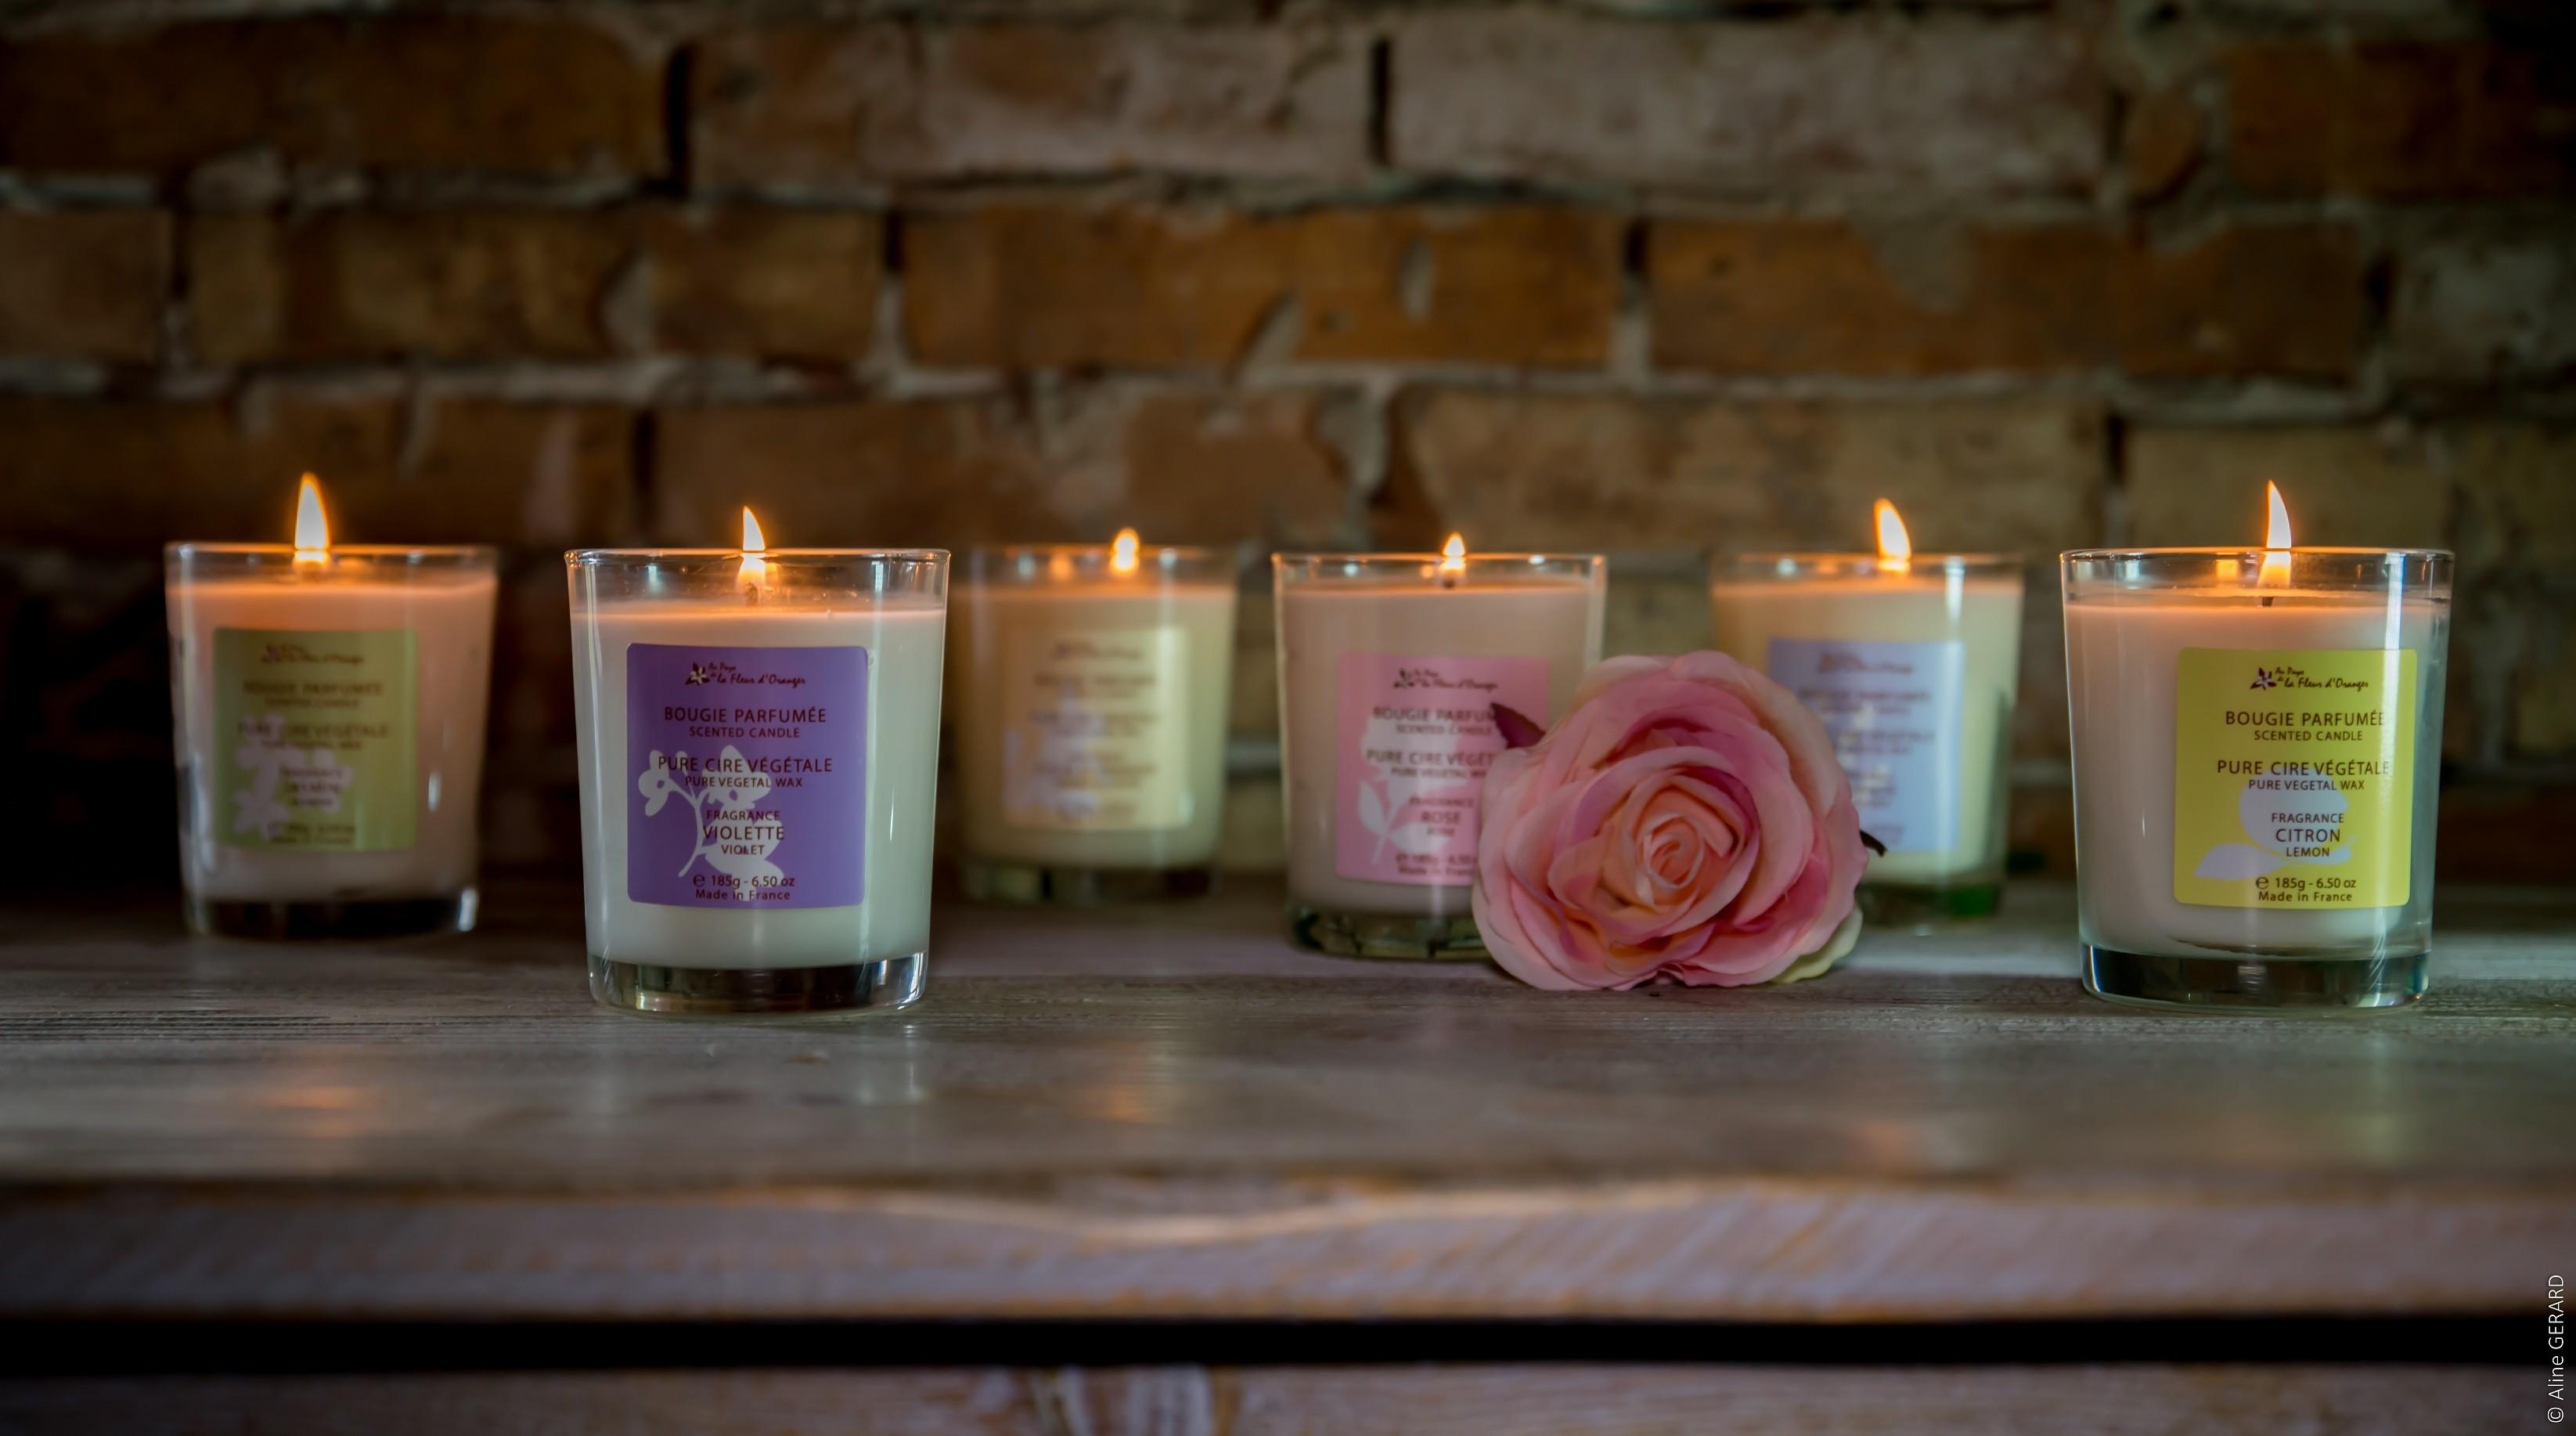 bougie-parfumee-a-la-fleur-doranger-185g-les-bougies